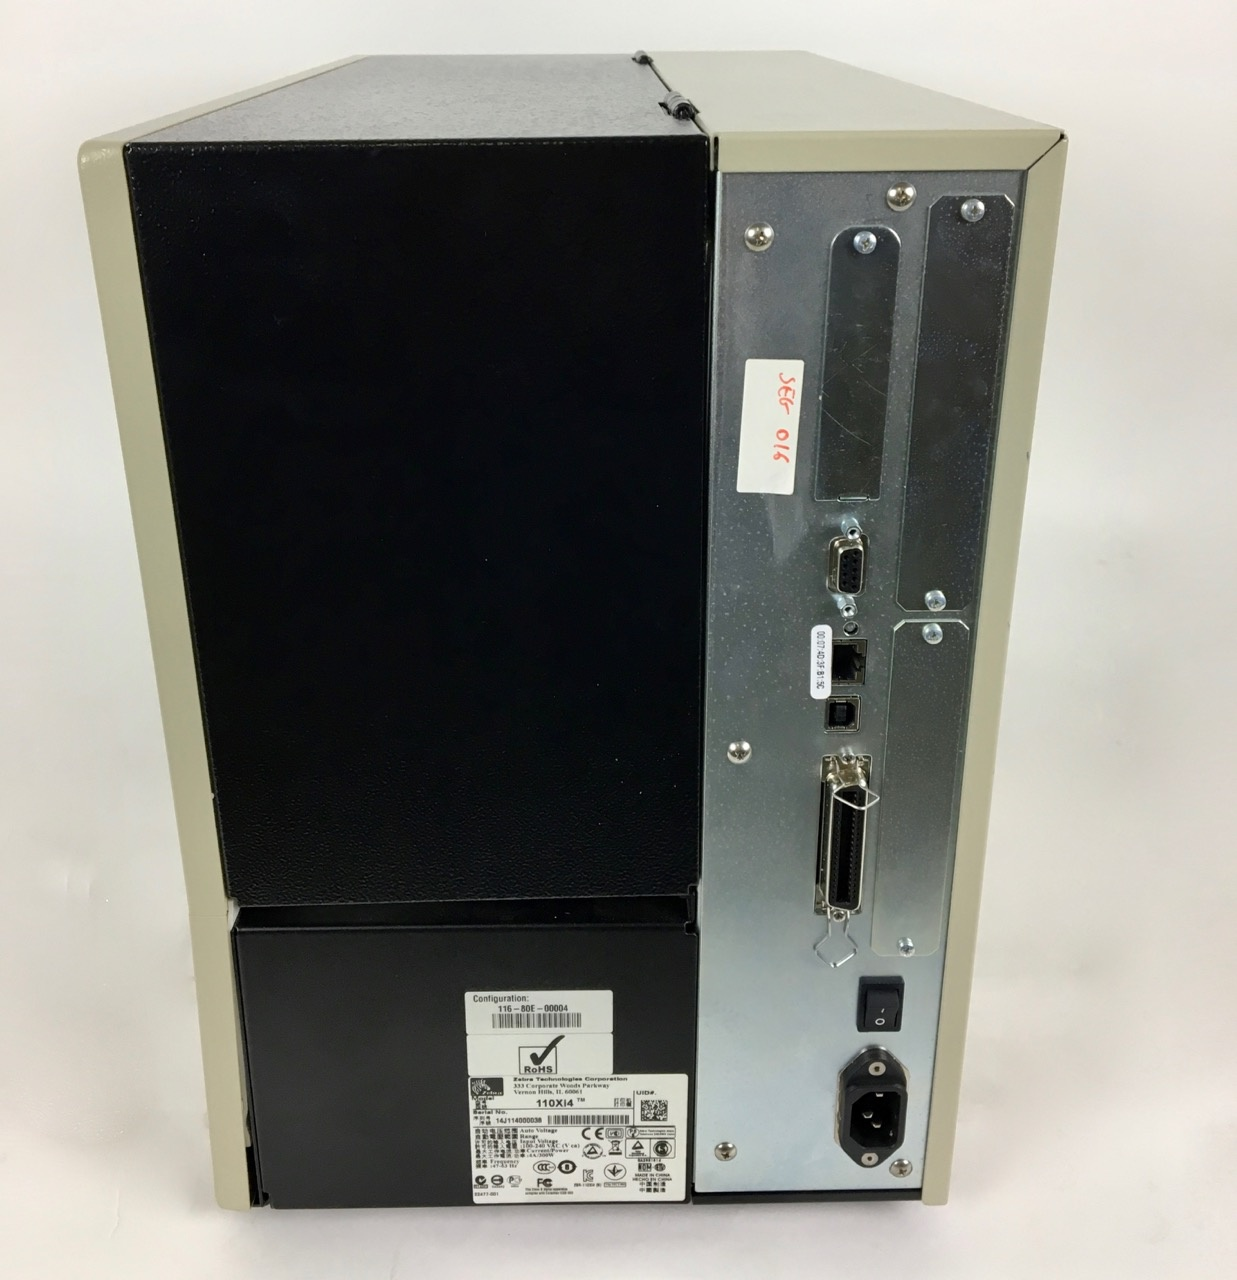 Zebra Gebrauchter 110Xi4 Zebra Etiketten-/ Thermodrucker  (600 dpi)